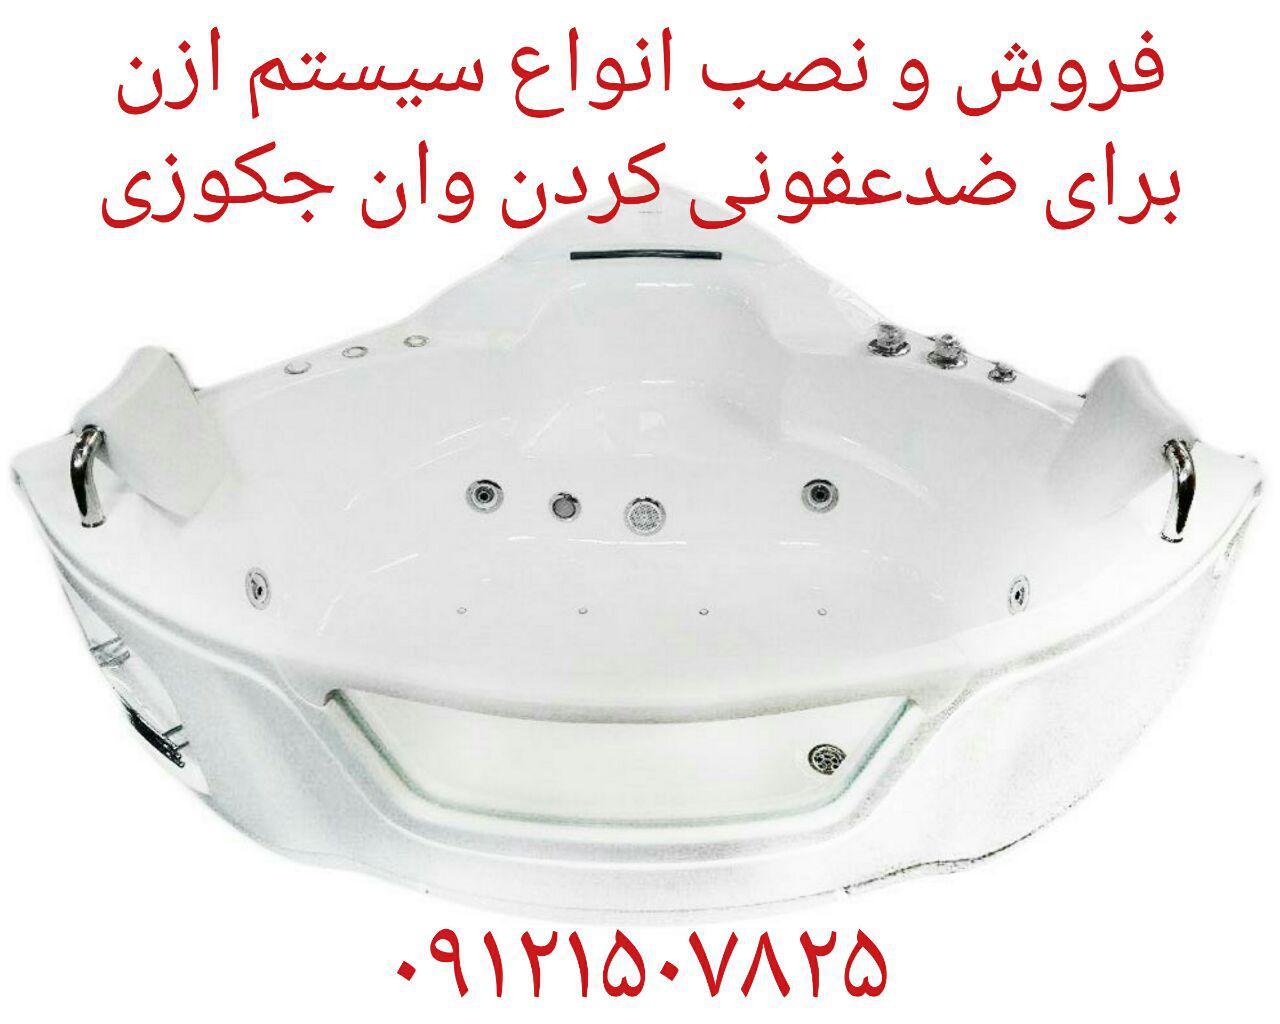 فروش وان نوفر_فروش جکوزی نوفر_فروش کابین دوش نوفر